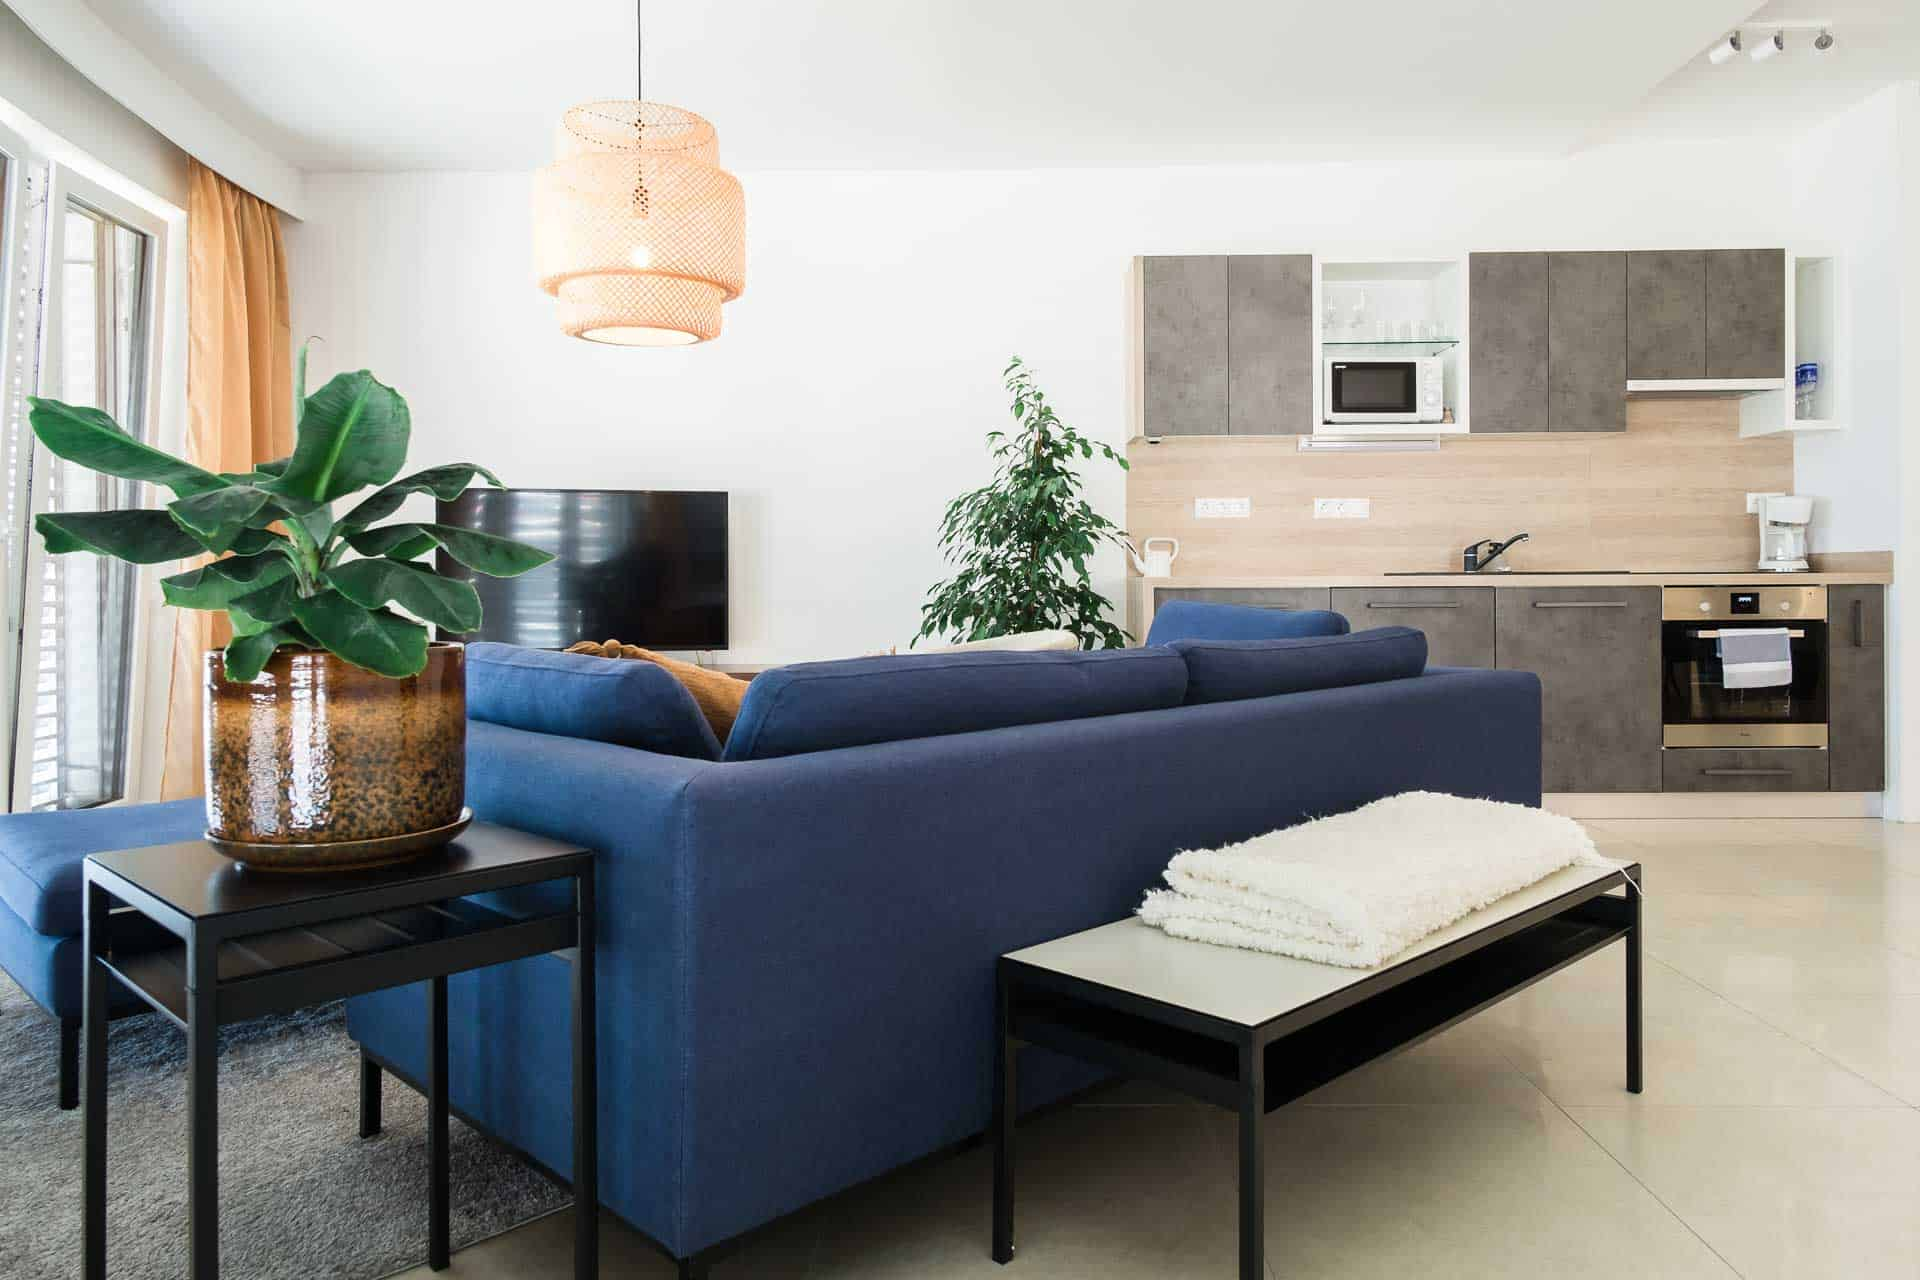 Vízparti apartman Keszthely - nappali szoba konyhával.